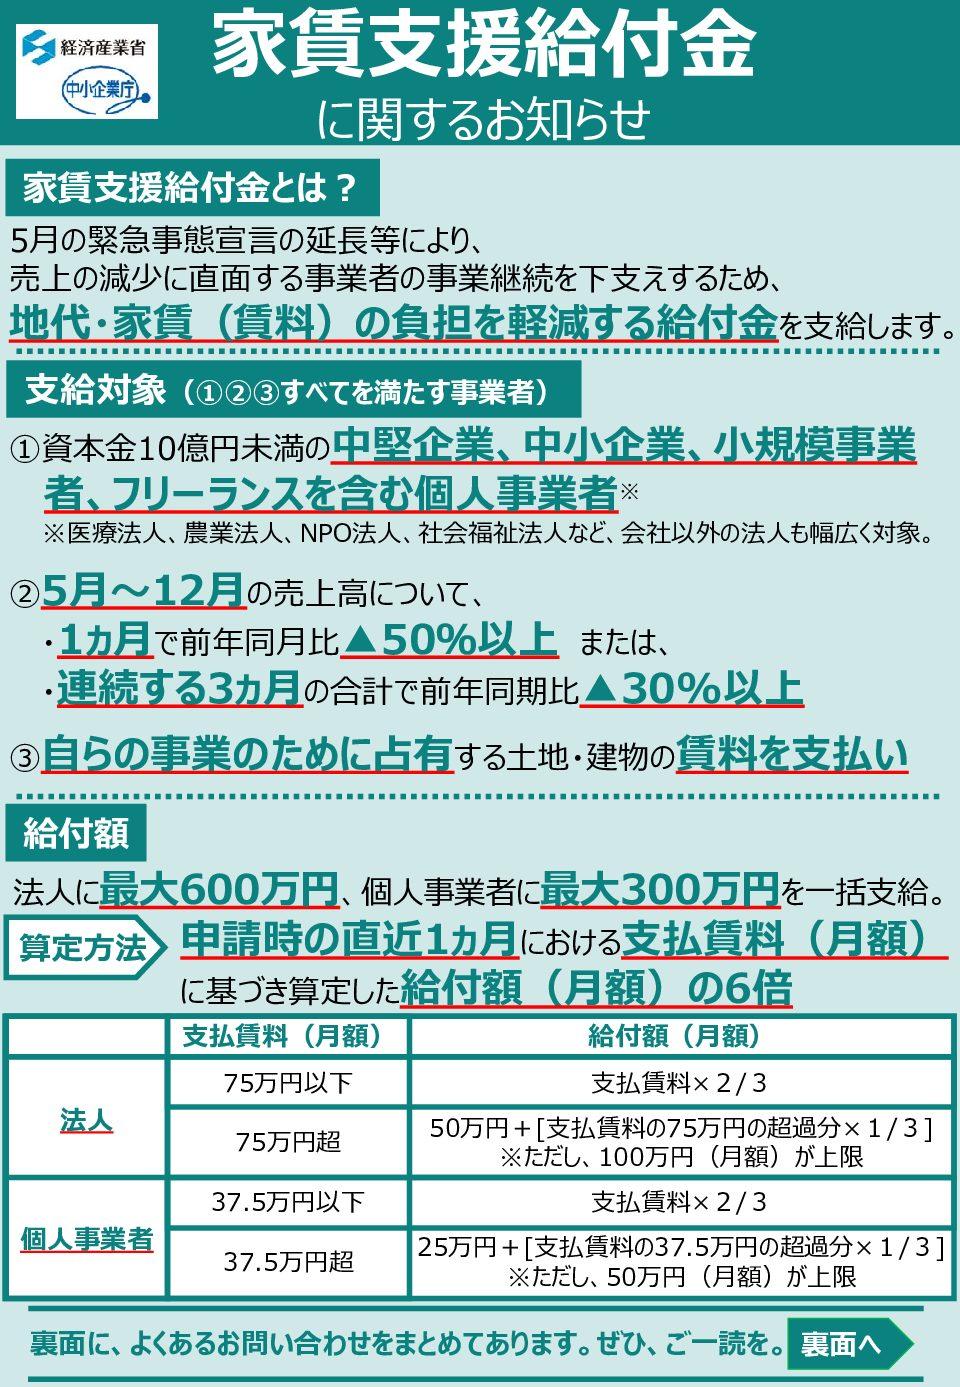 【経済産業省】家賃支援給付金に関するお知らせ